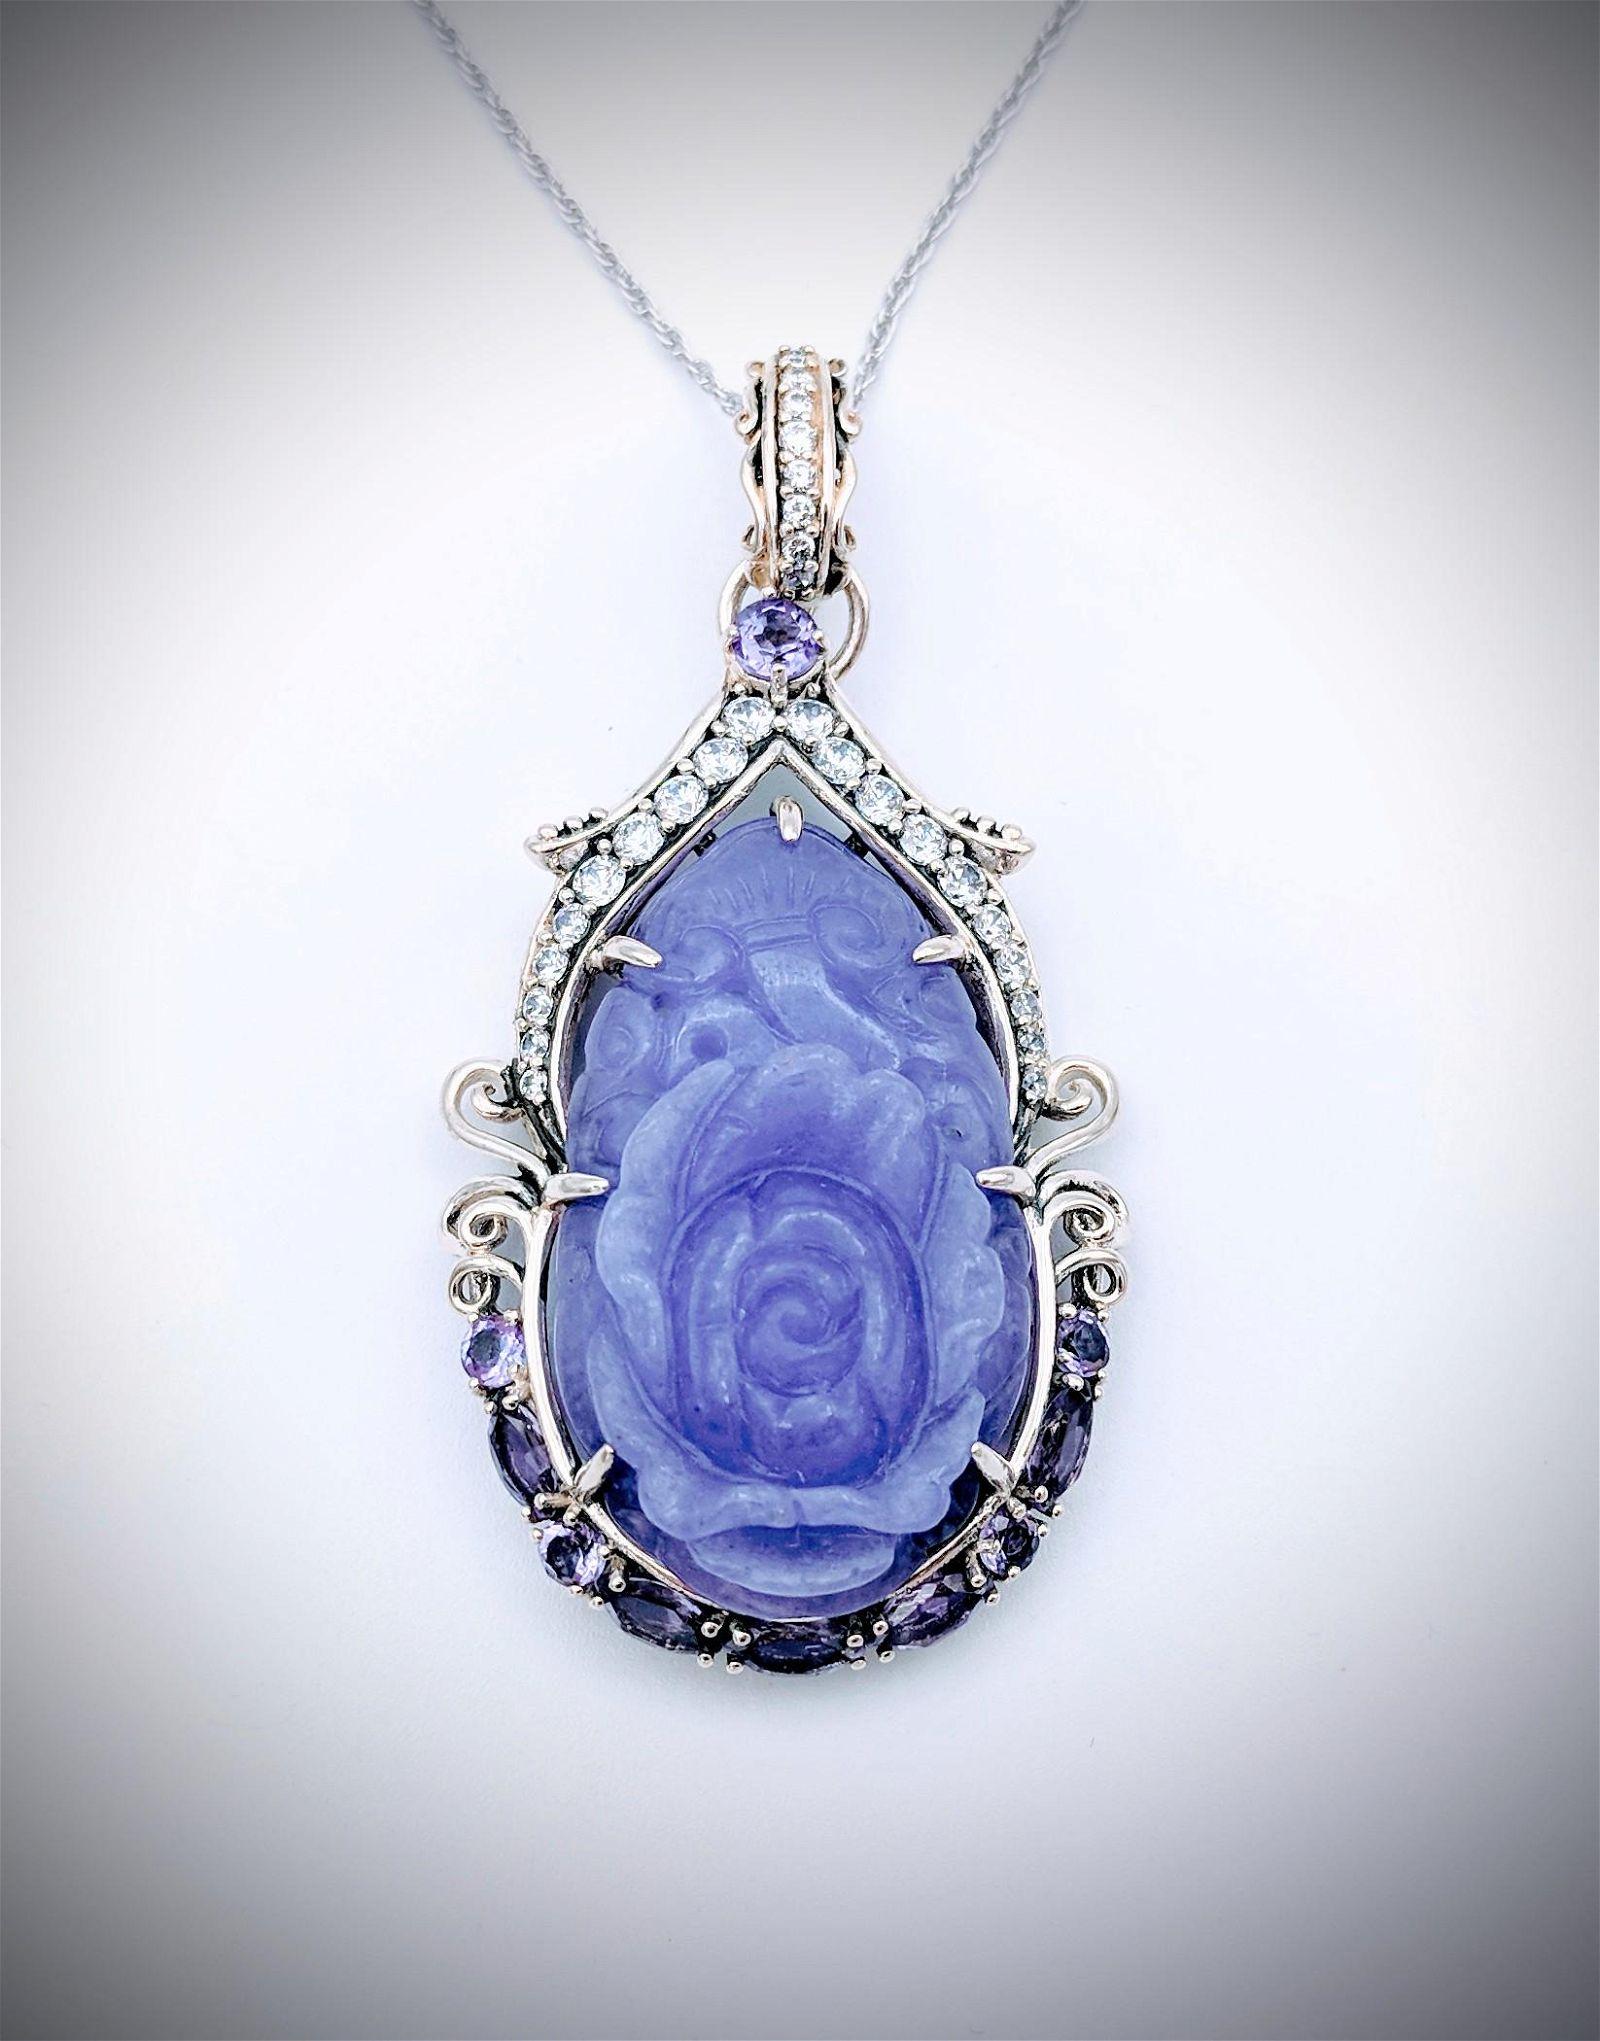 Sterling Silver Necklace & Pendant w Rose Carved Violet